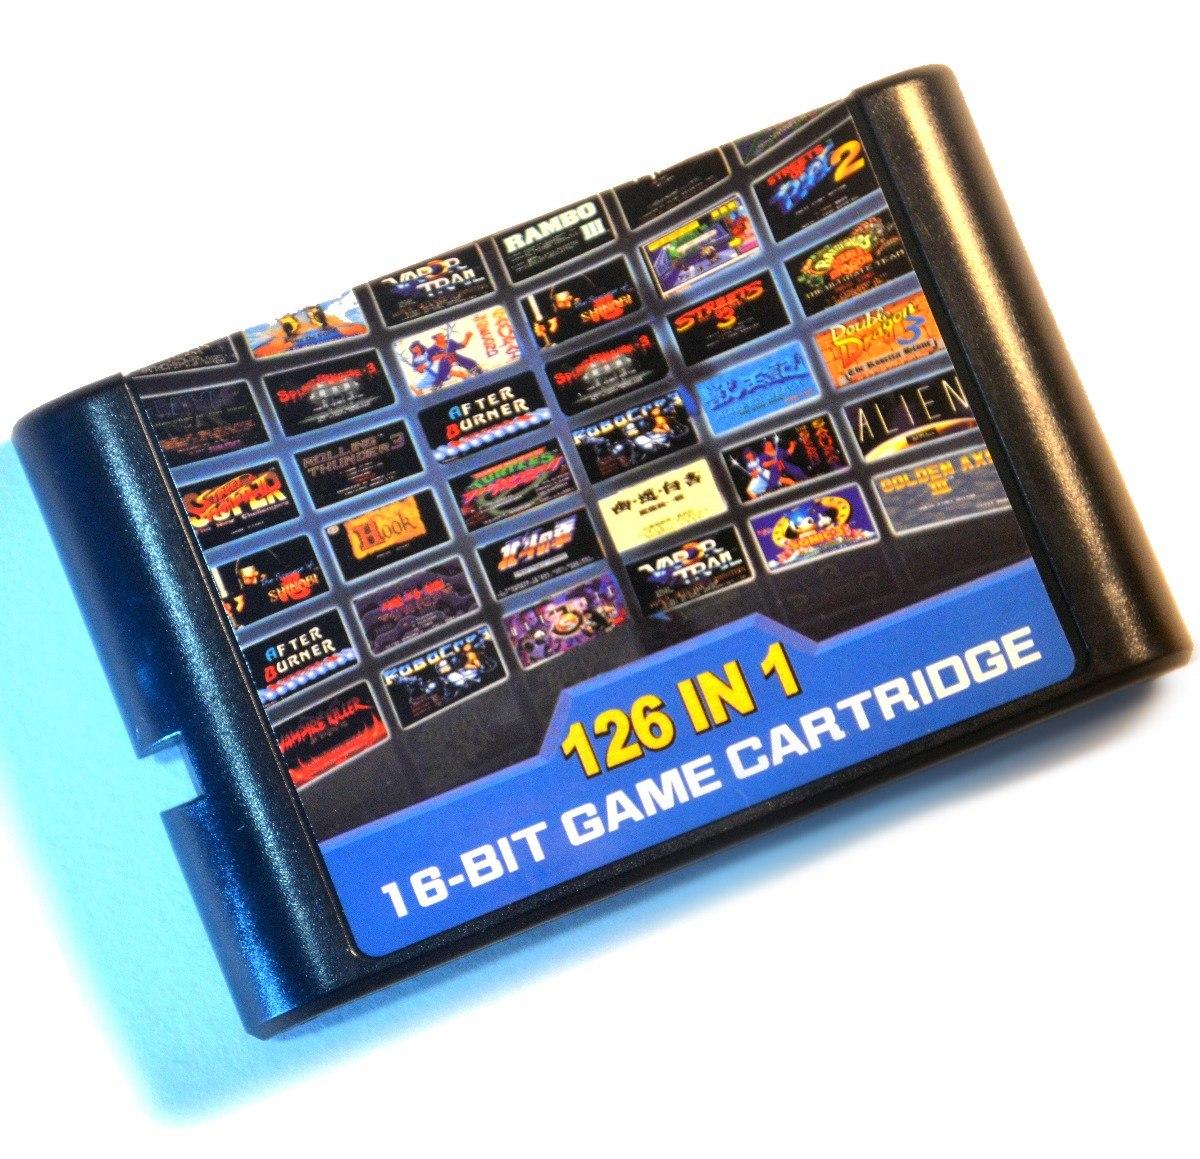 Cartucho Sega Genesis Megadrive 126 In 1 Mejores Juegos 1 399